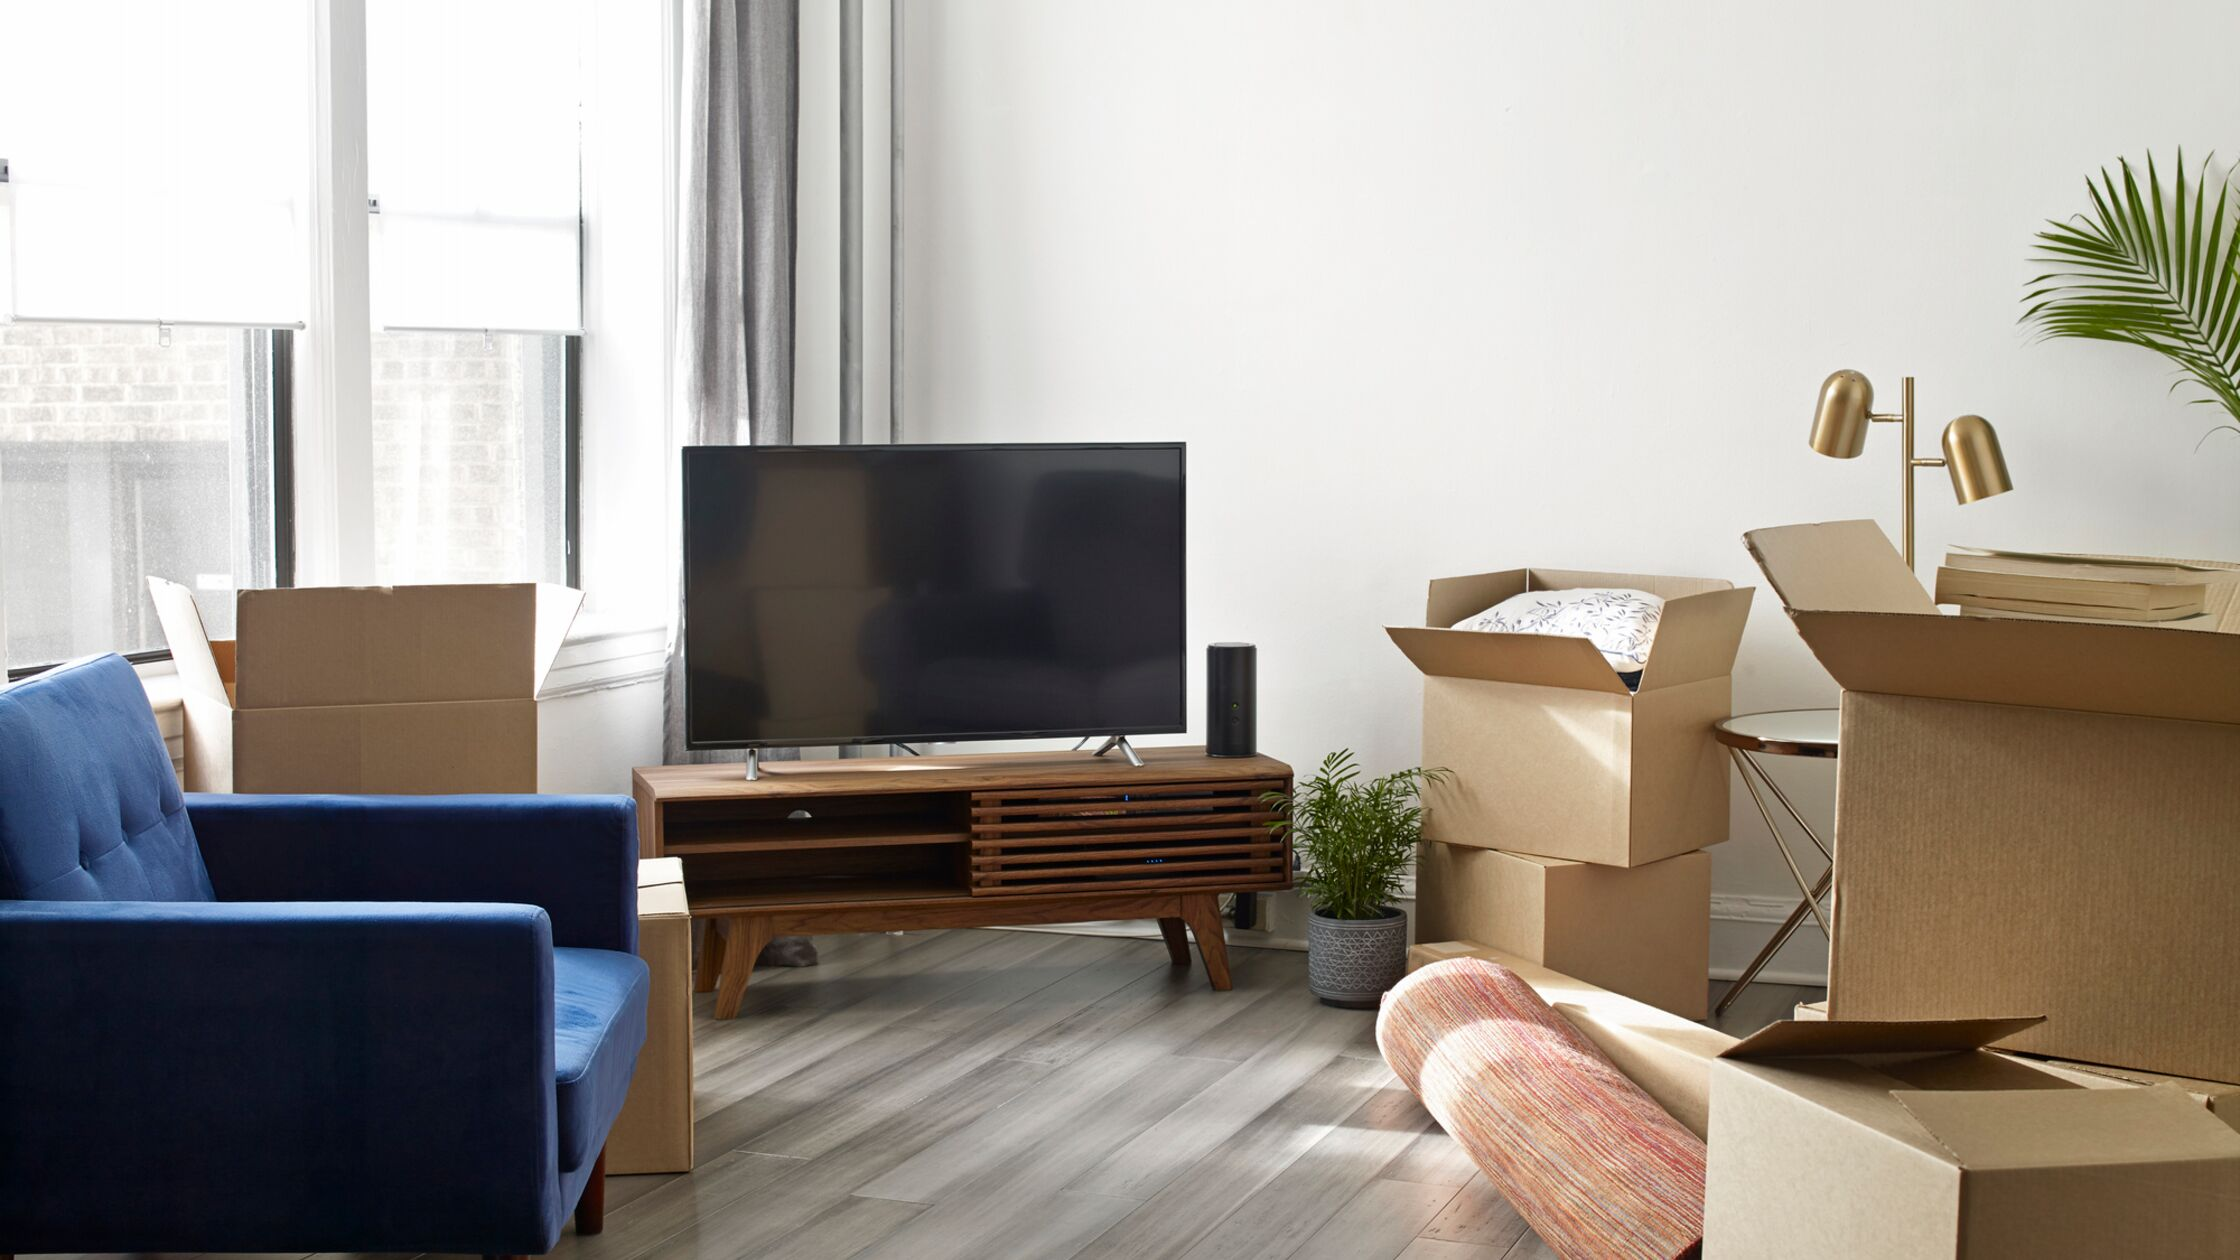 Fernseher und viele Kartons